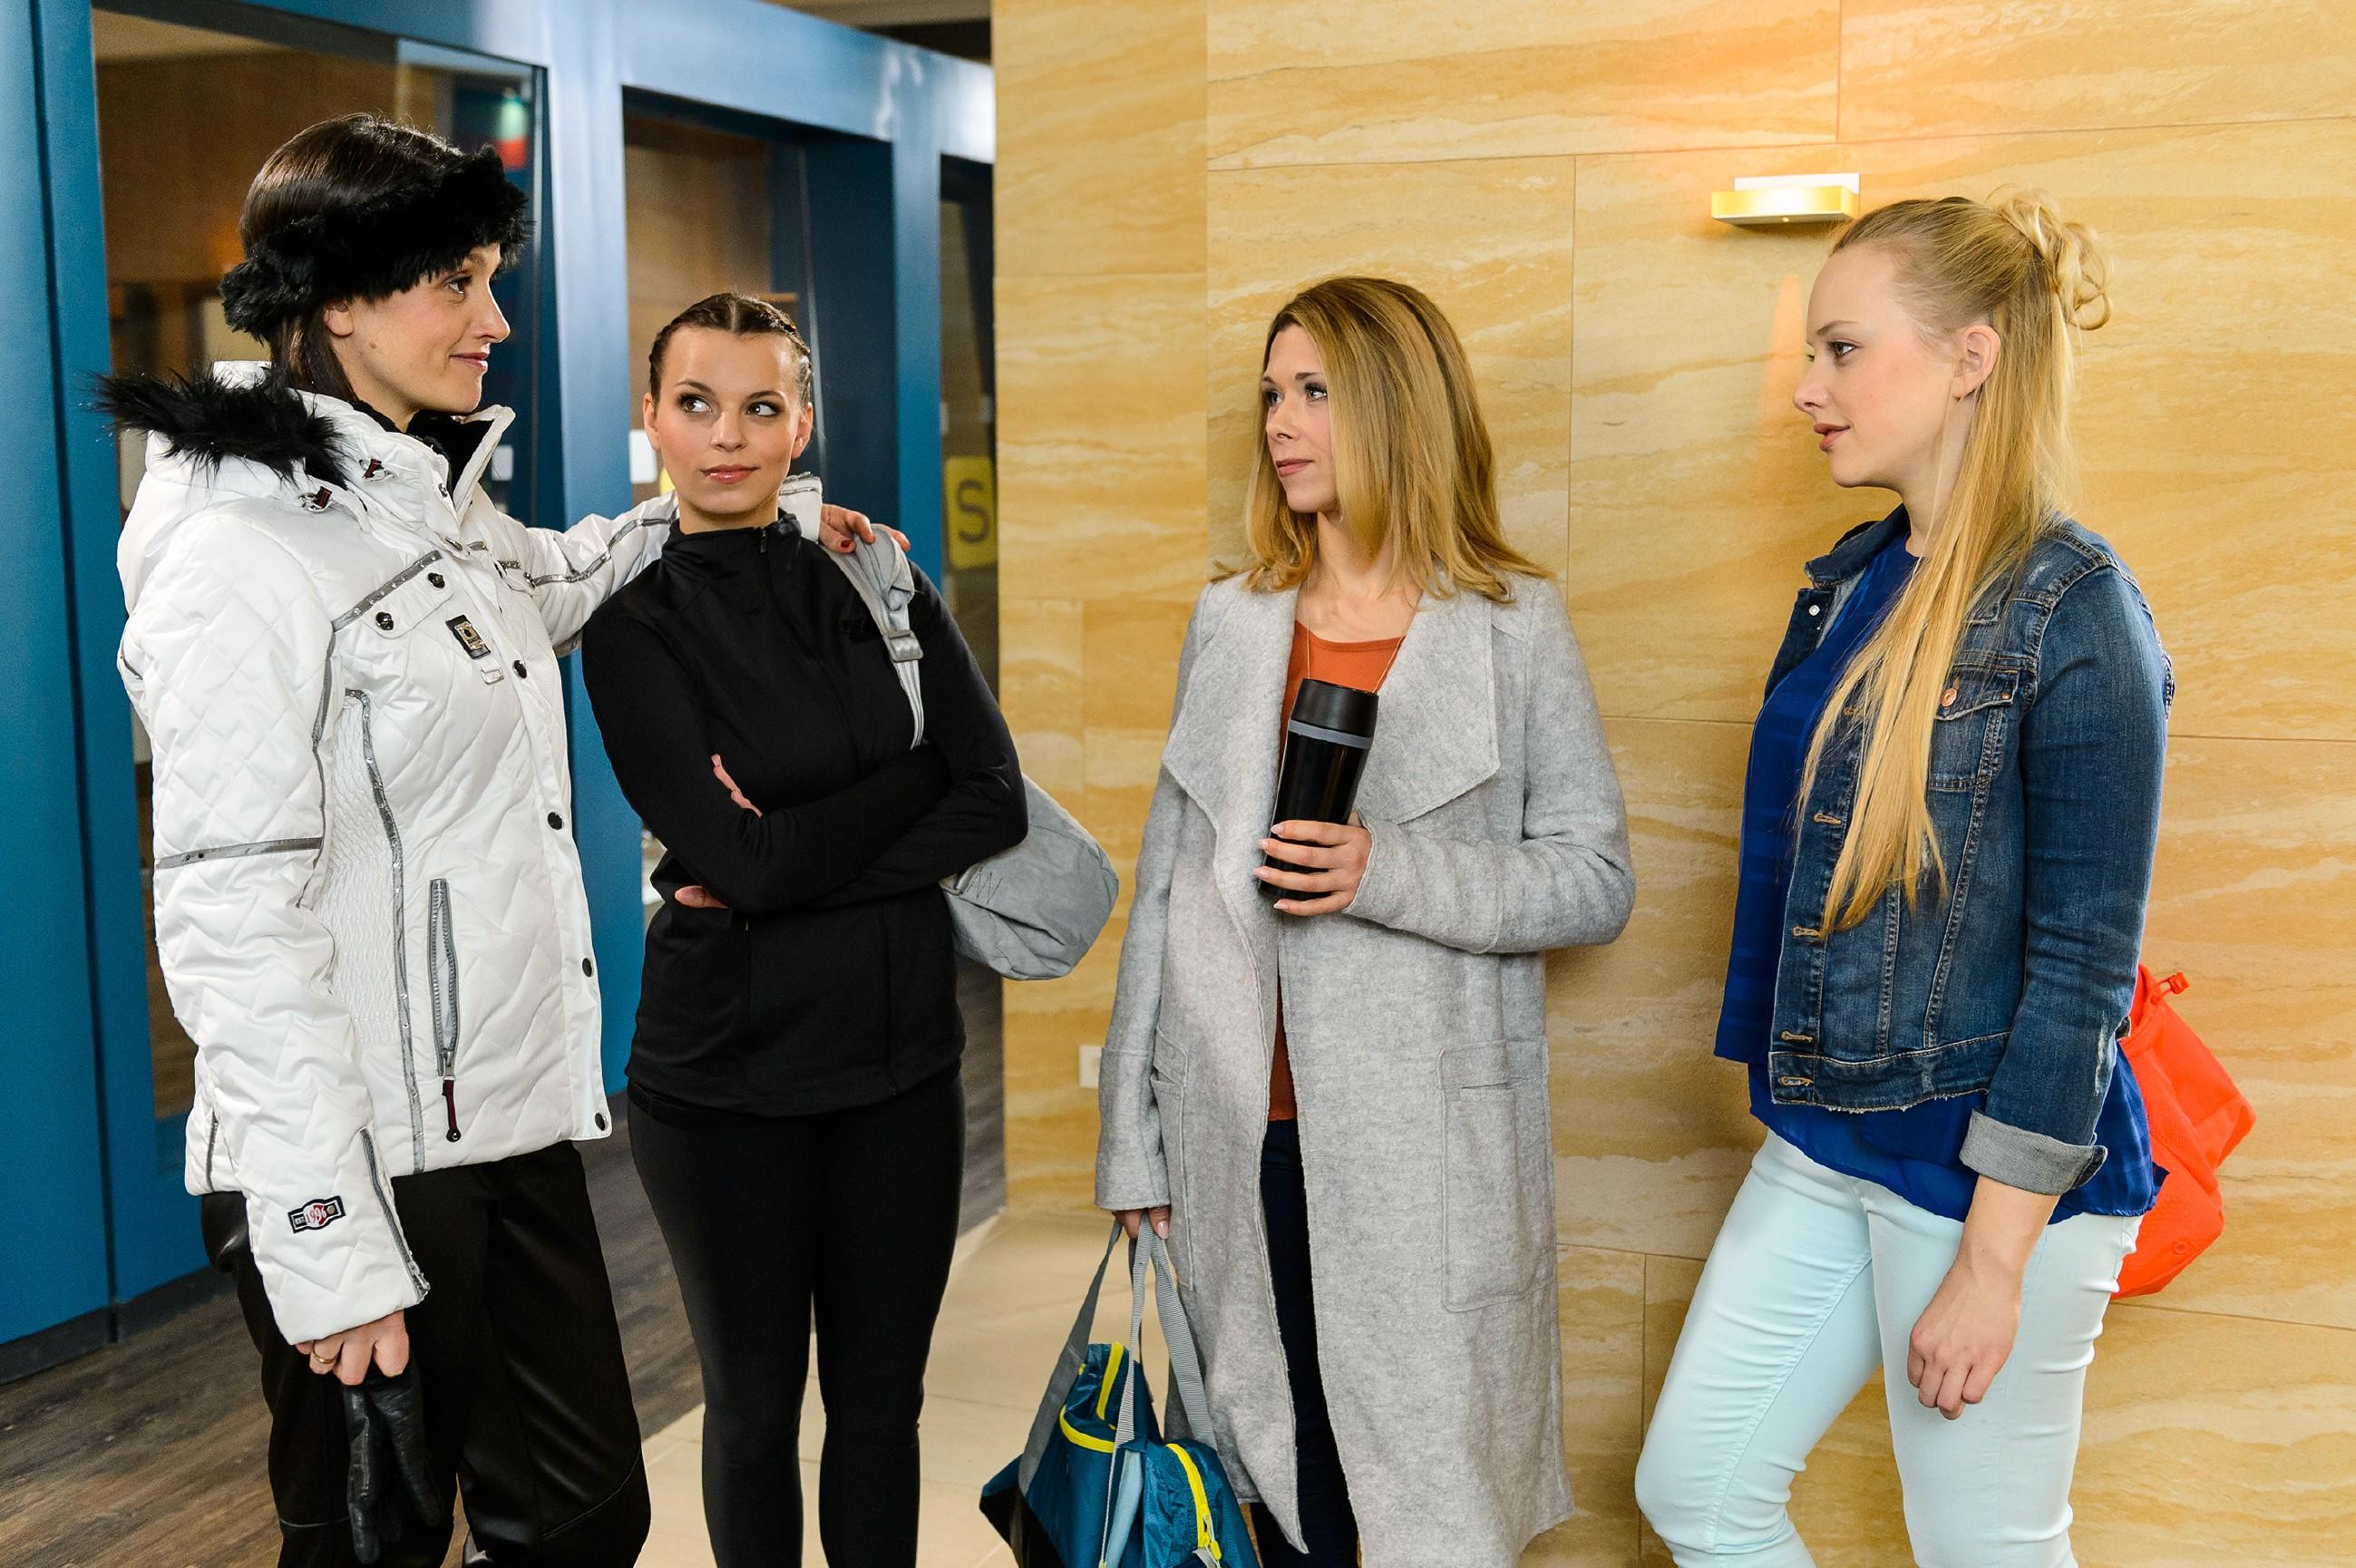 Als Marie (Judith Neumann, r.) von Jenny (Kaja Schmidt-Tychsen, l.) und Michelle (Franziska Benz, 2.v.l.) in die Enge getrieben wird, stellt sich Diana (Tanja Szewczenko) schützend vor sie. (Quelle: RTL / Willi Weber)